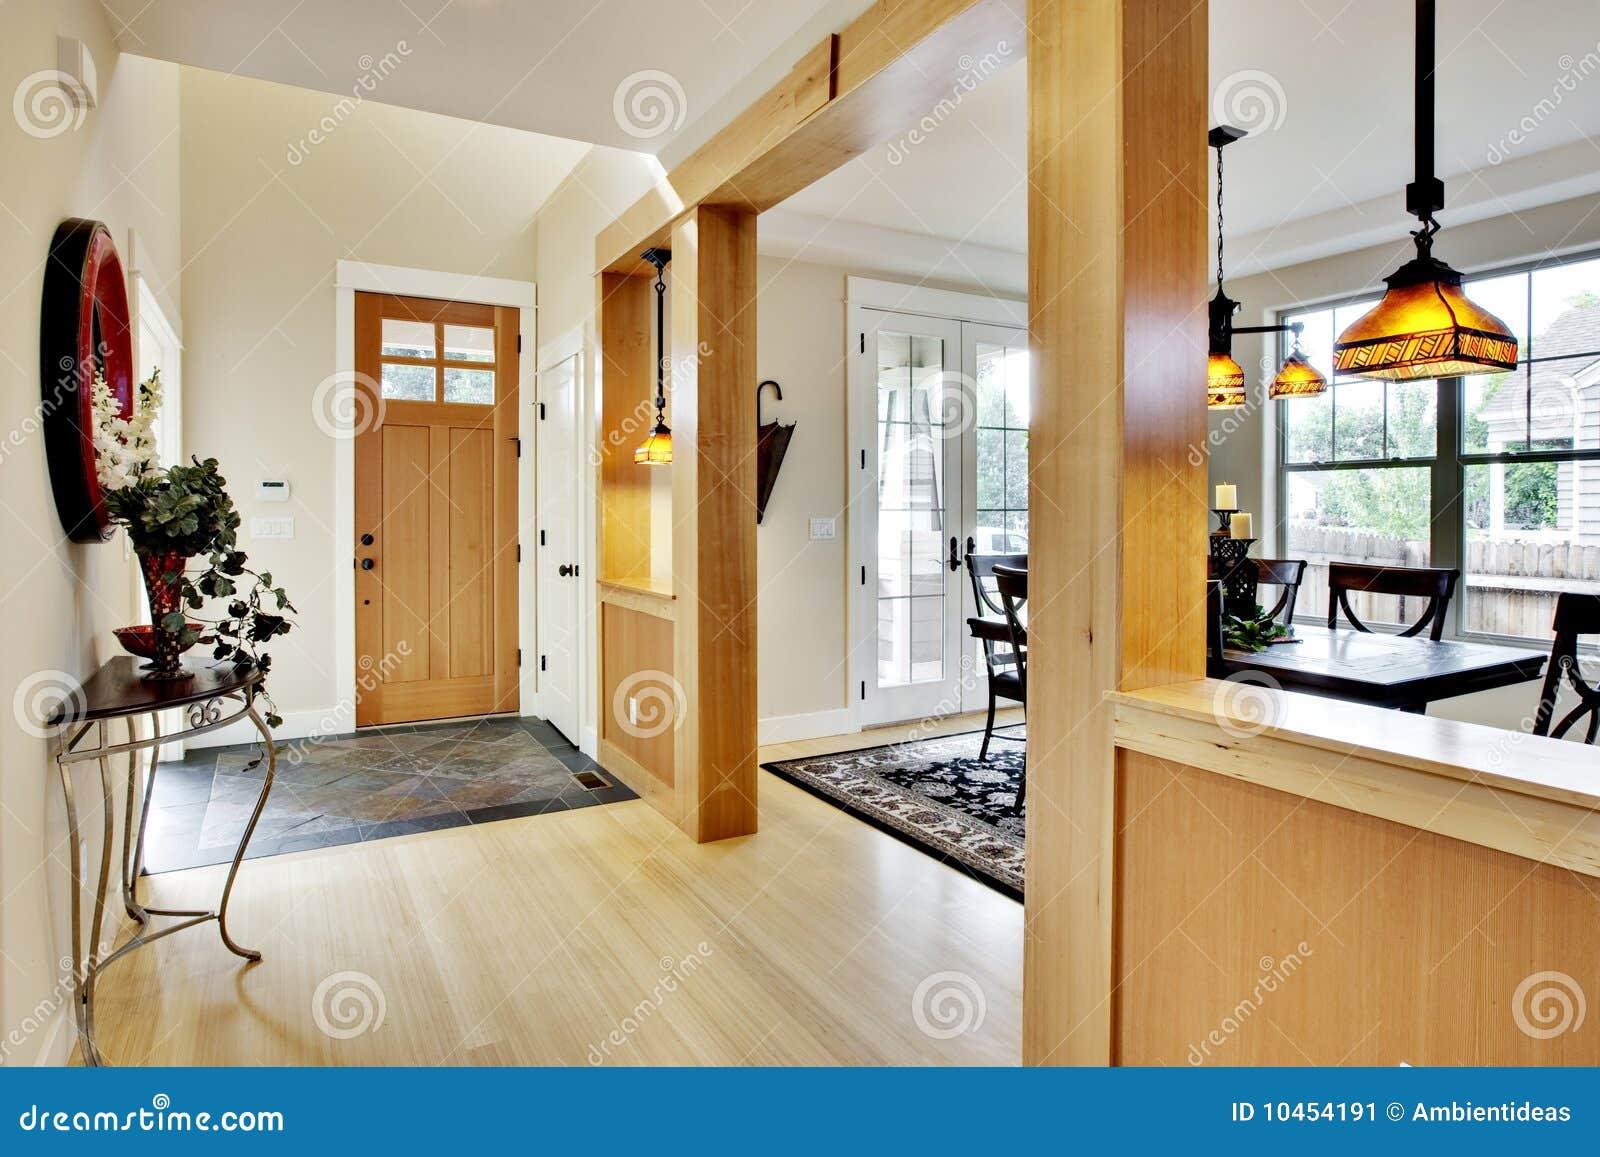 Vestibule la maison d 39 entr e image stock image 10454191 for Ashoka ala maison